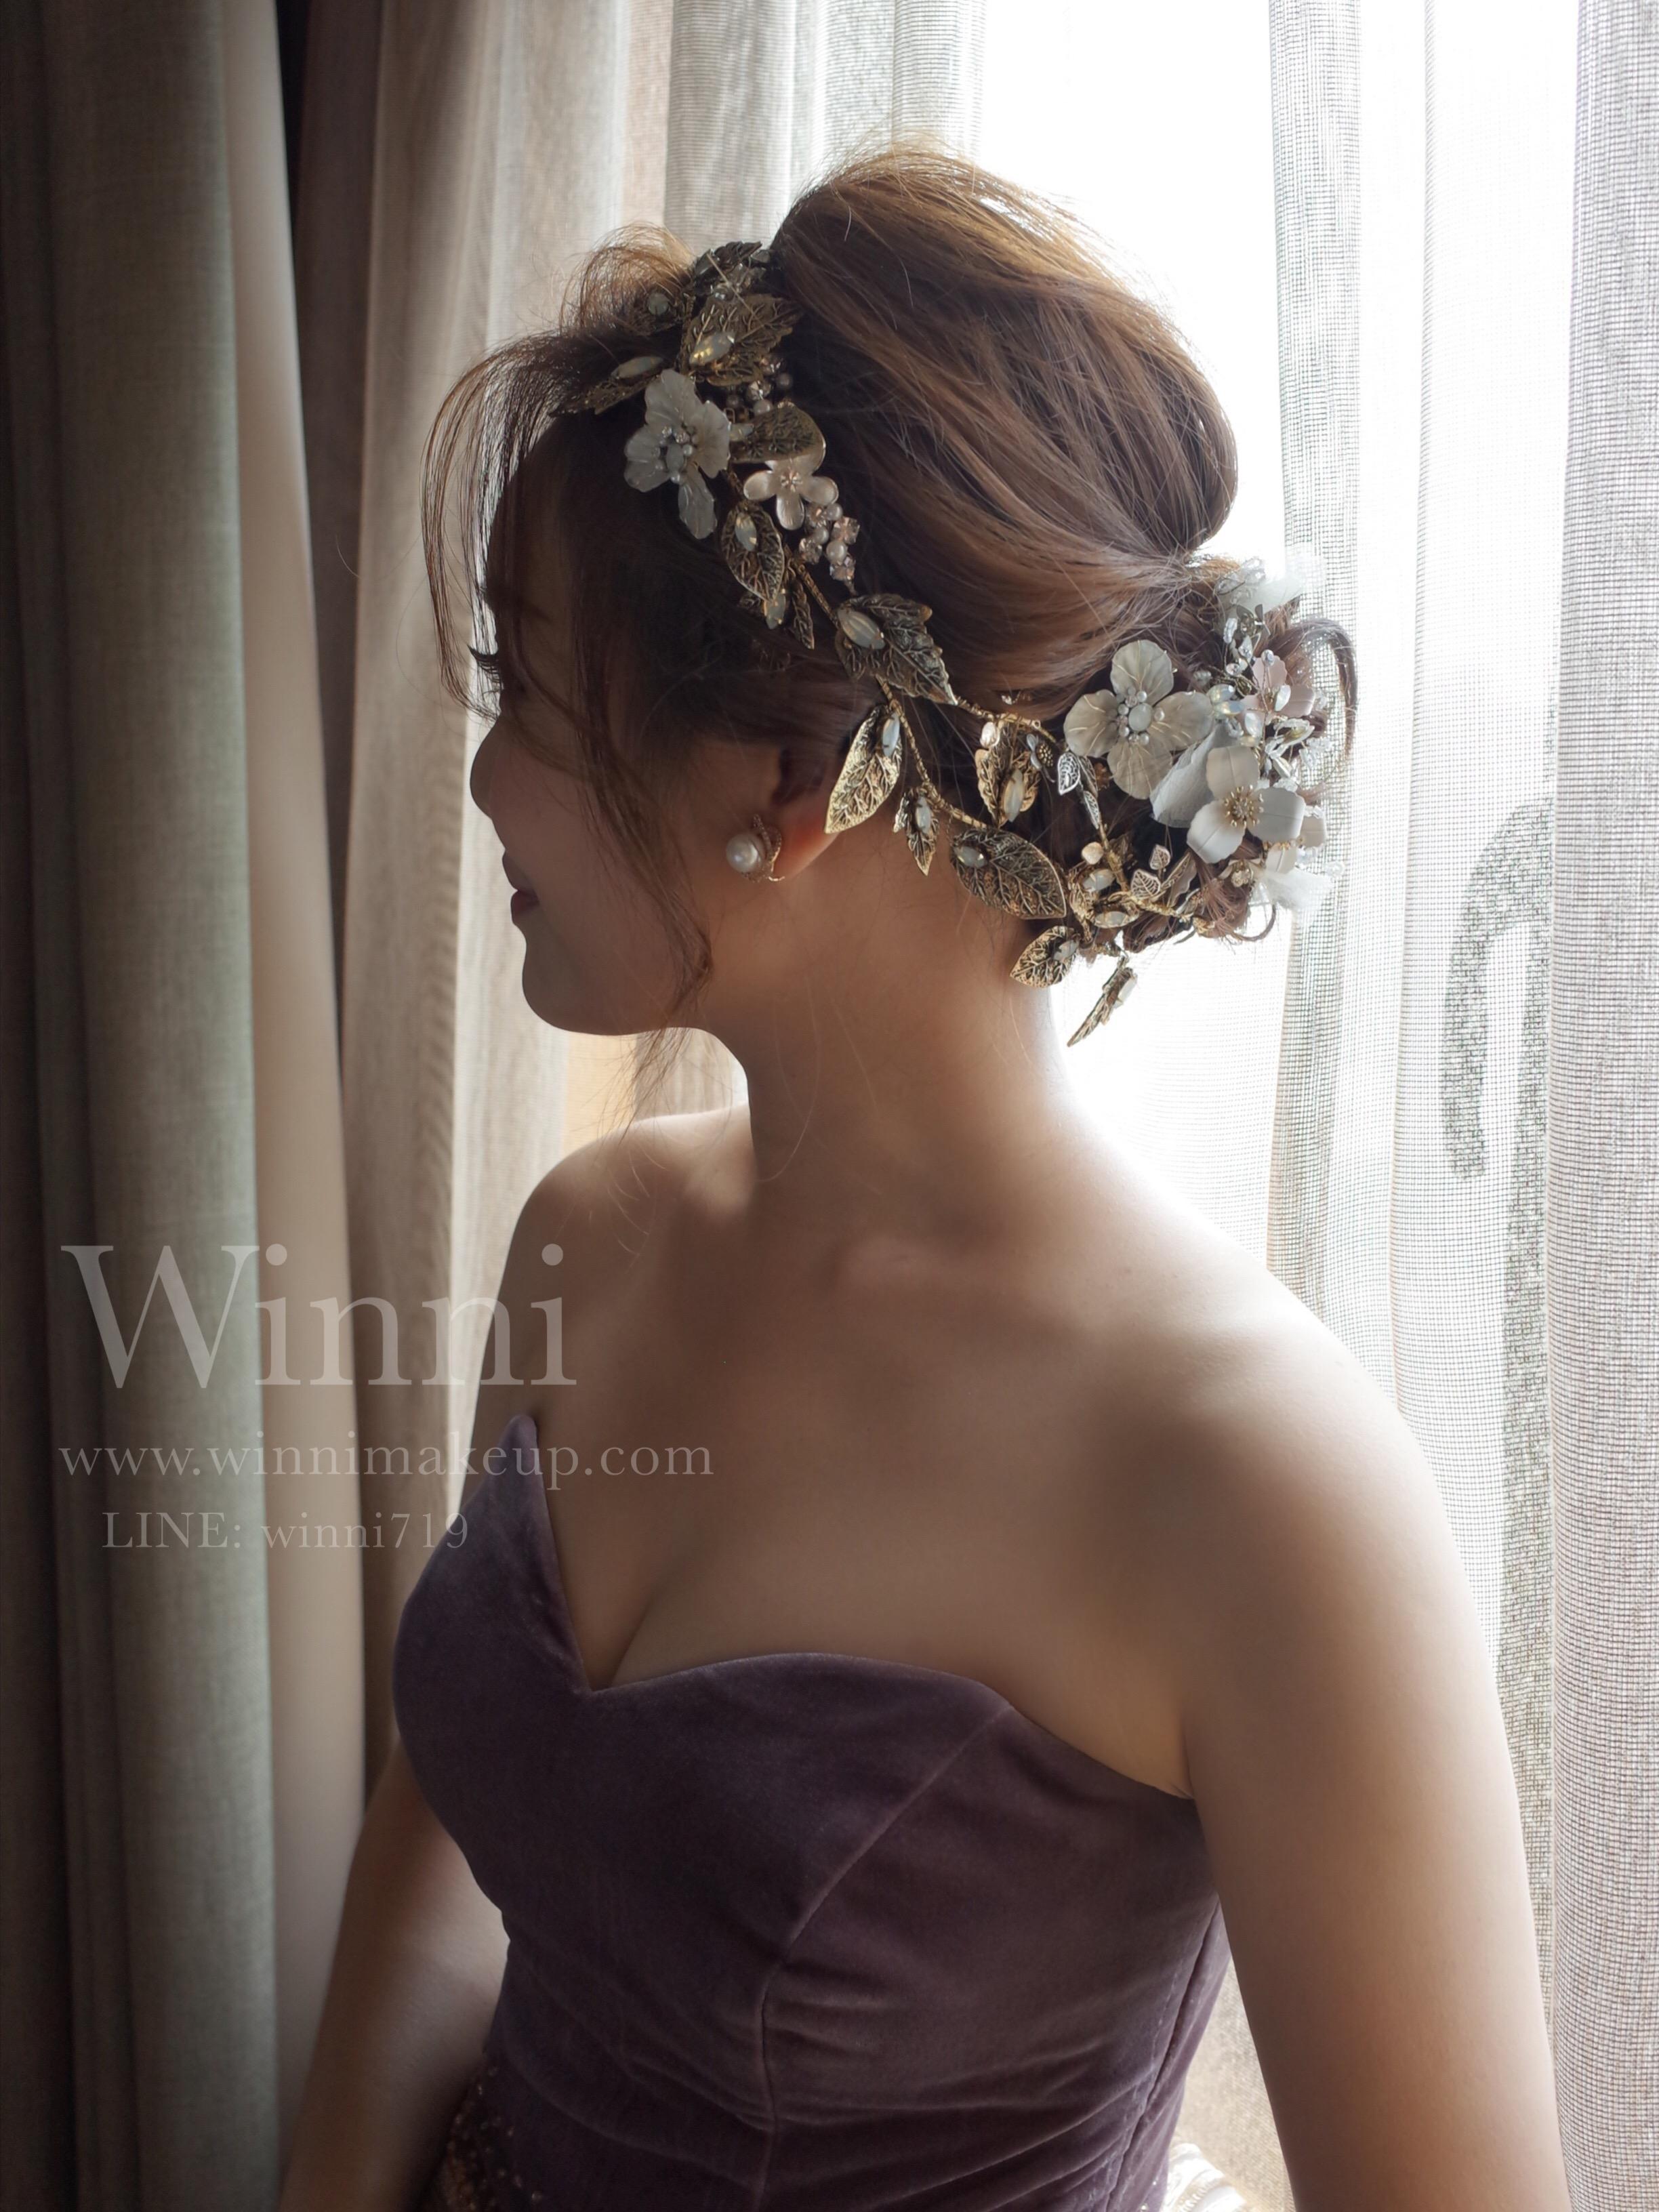 #巴洛克風格 #低調奢華 #低盤髮造型 #進場造型 #晚禮服造型